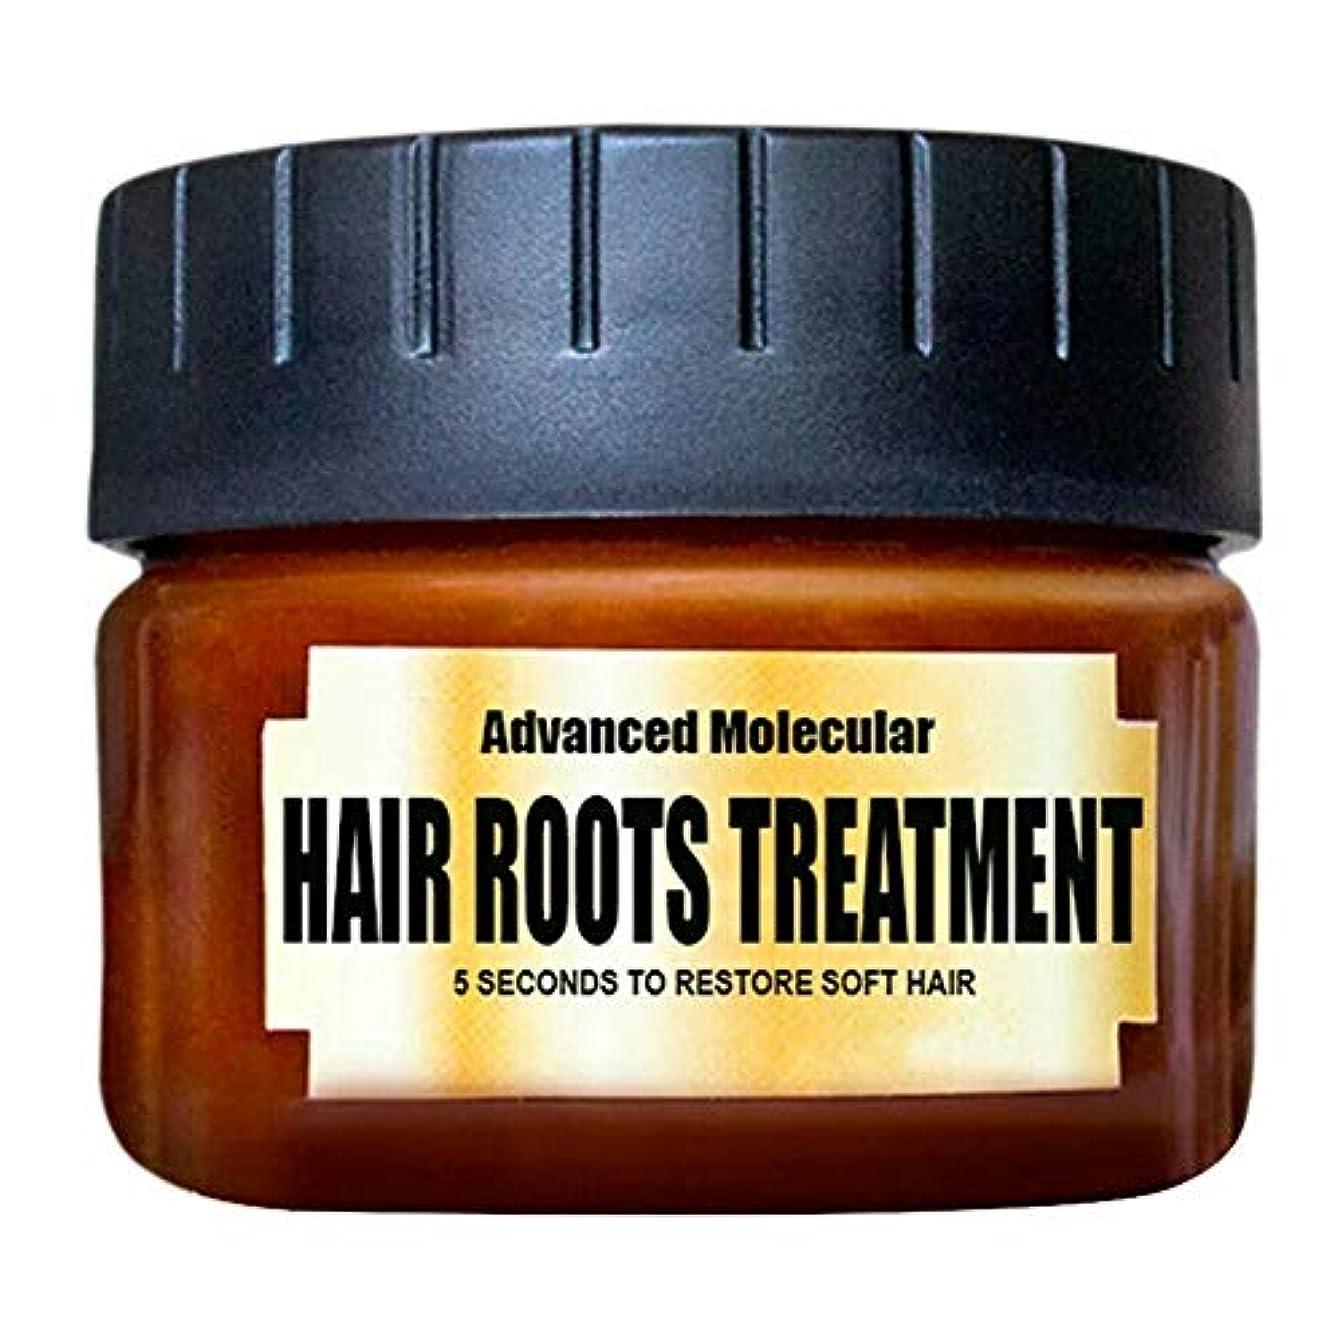 バンド困難英語の授業がありますBTFirst ヘアルーツトリートメント健康的なソフトヘアケアエッセンスを修復柔らかい髪を取り戻す弾力性を取り戻し健康を取り戻し効果的で便利